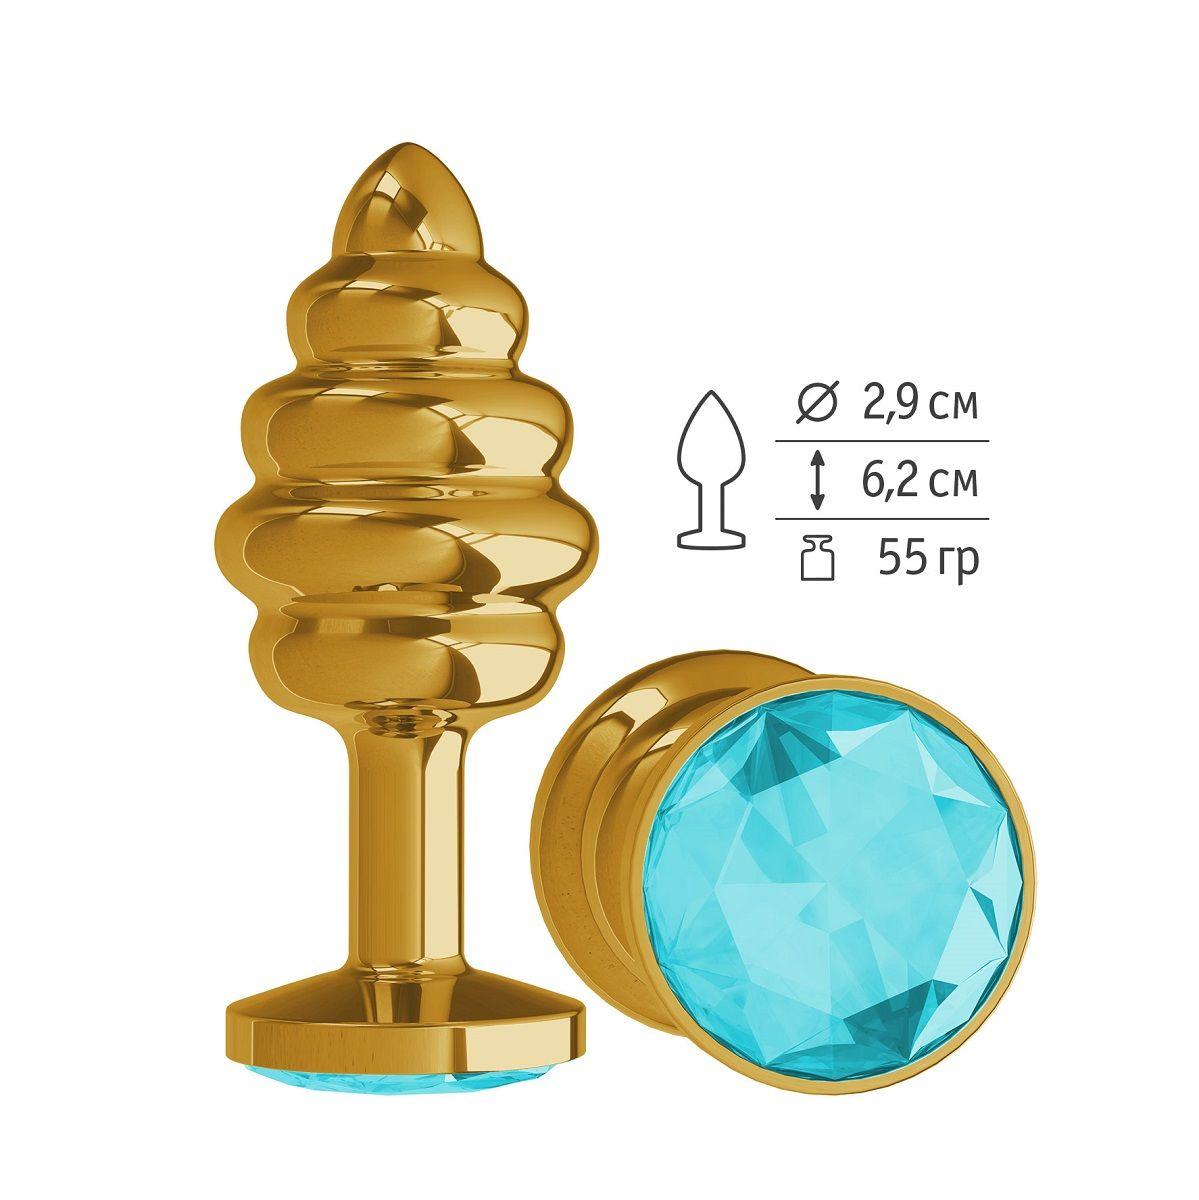 Золотистая пробка с рёбрышками и голубым кристаллом - 7 см.